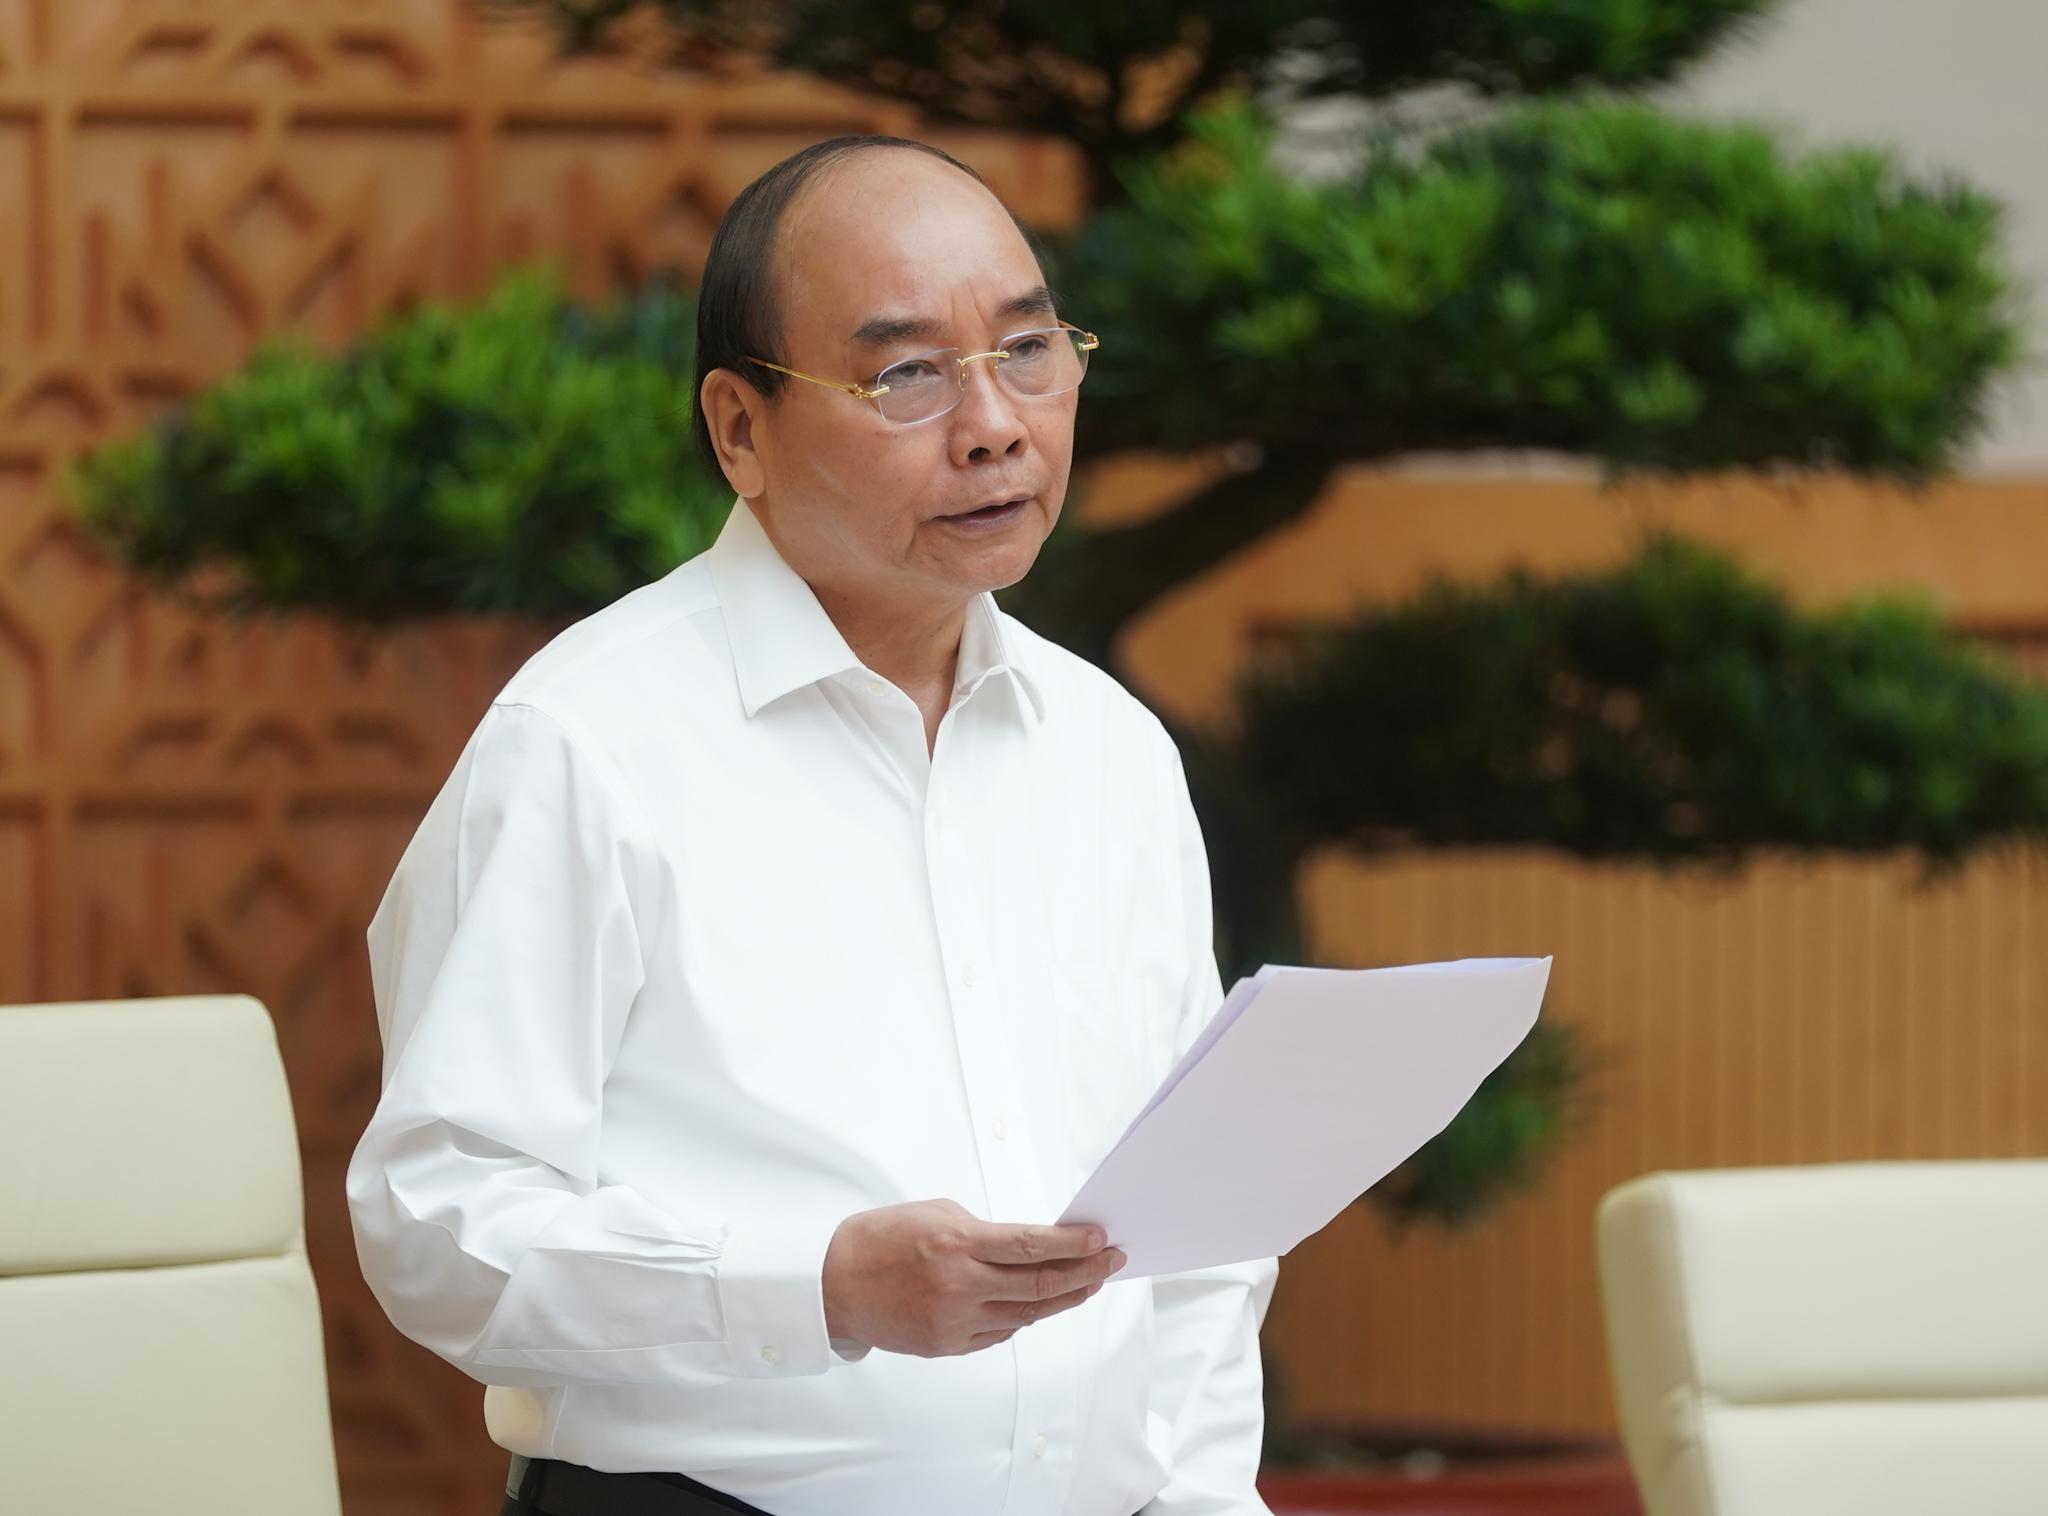 Thủ tướng Nguyễn Xuân Phúc nhấn mạnh tinh thần không lùi bước trước khó khăn. Ảnh: VGP/Quang Hiếu